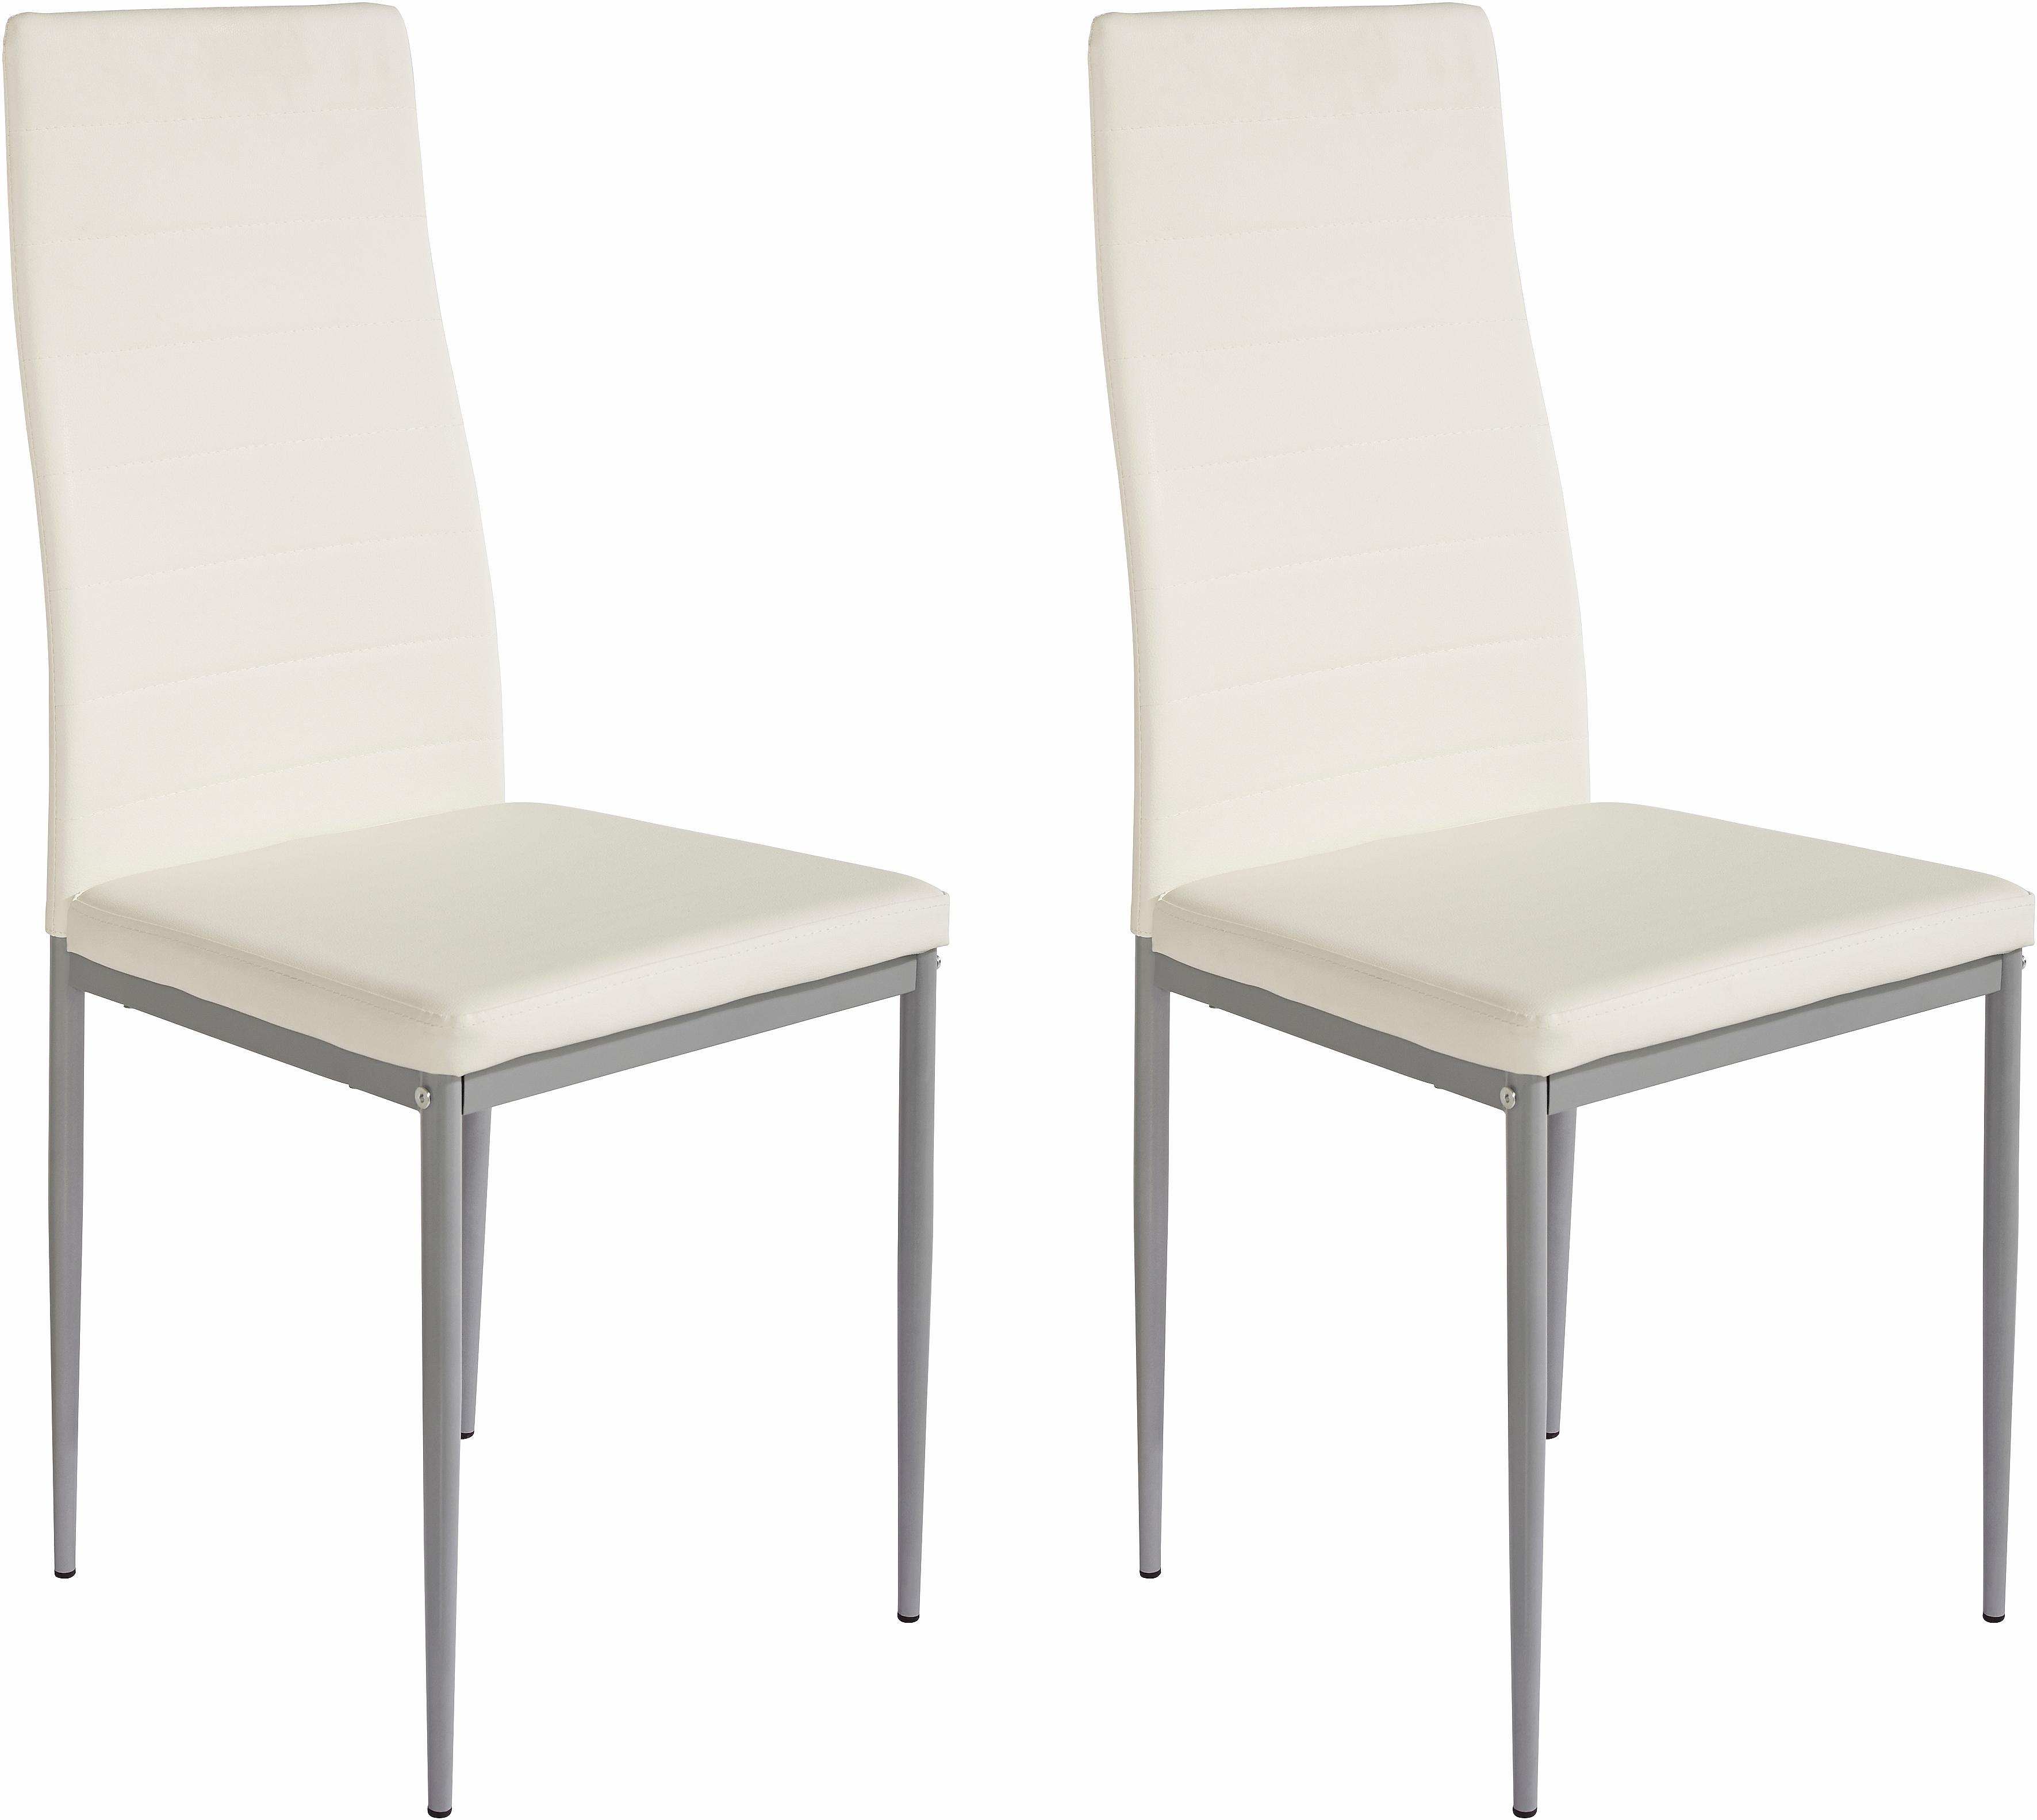 Homexperts Vrijdragende stoel in set van 2 of 4 bij OTTO online kopen